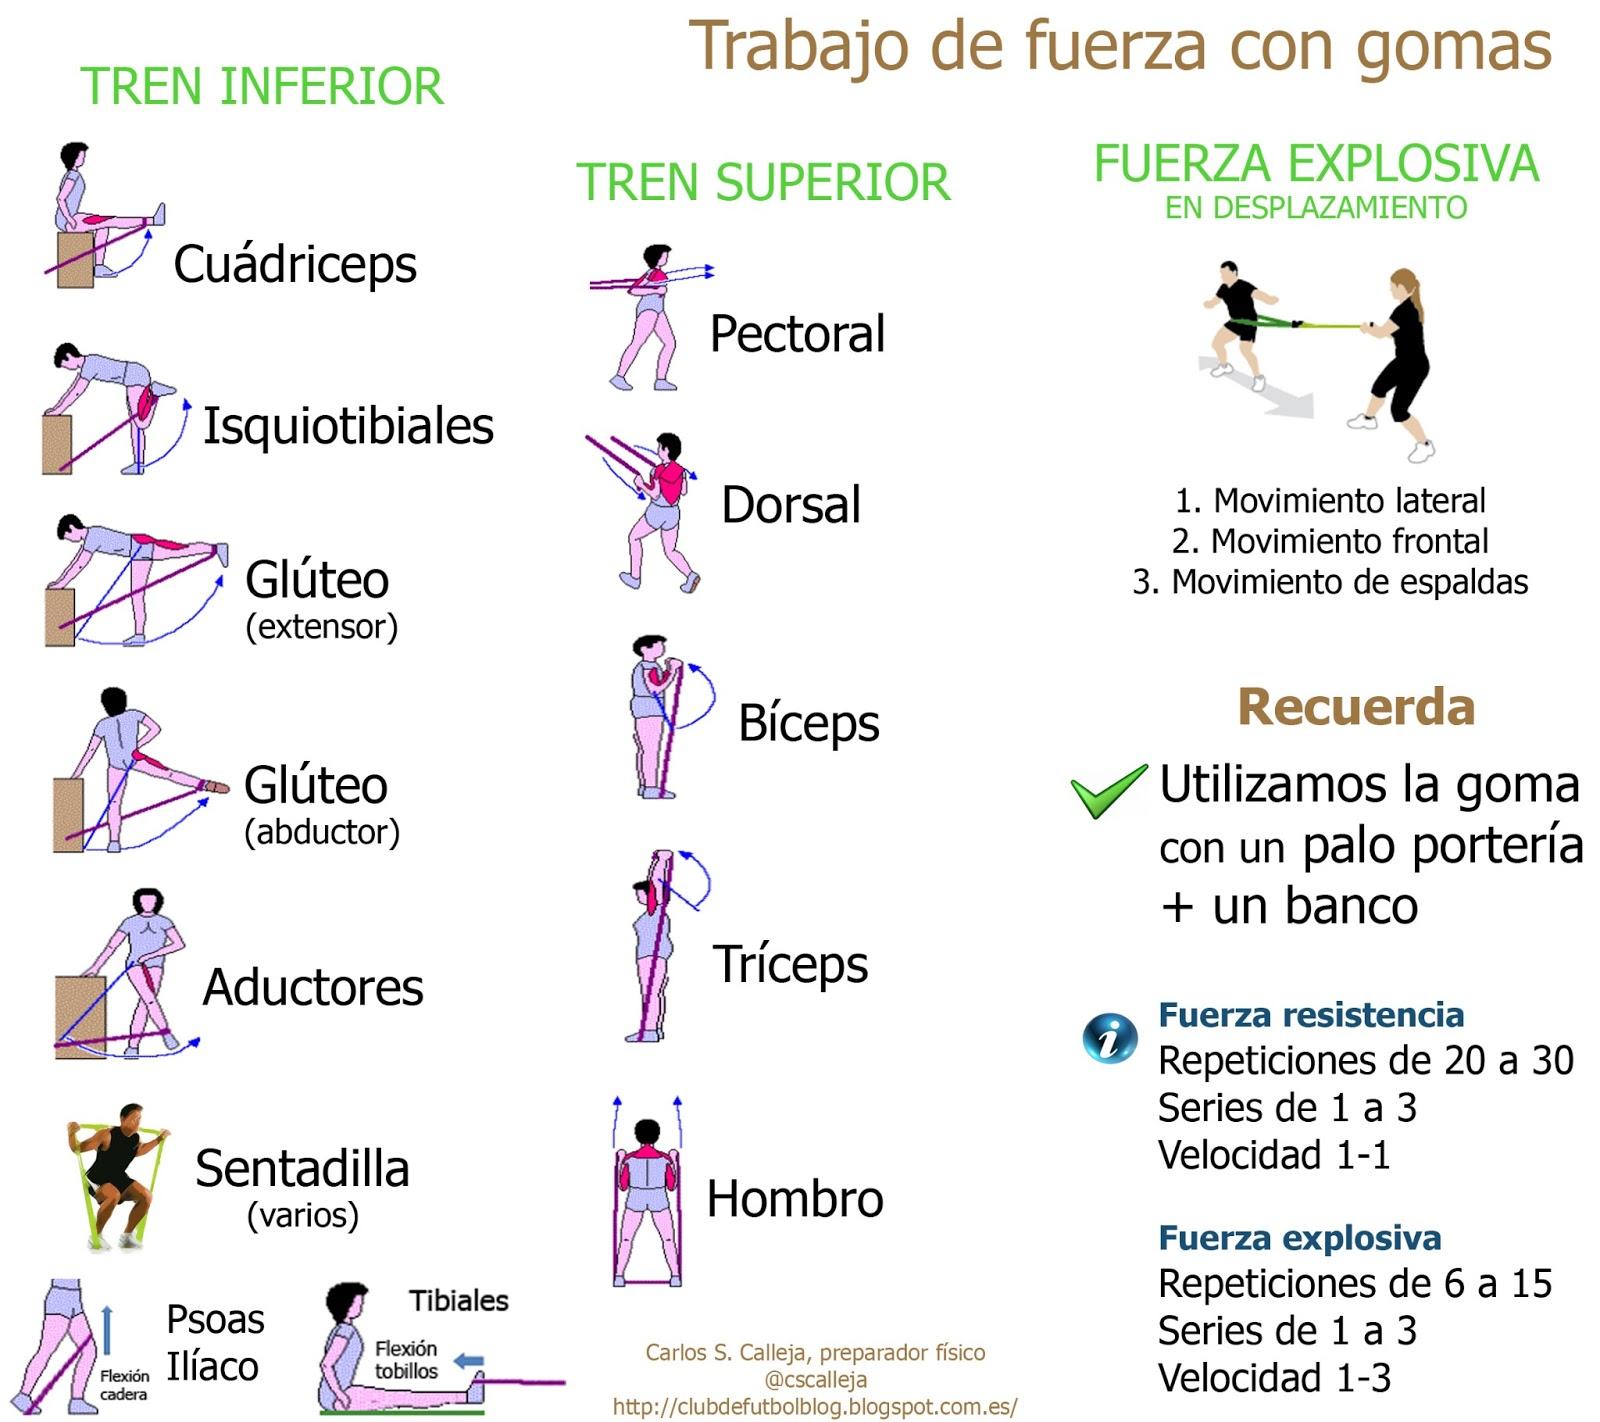 ejercicios abductores con gomas